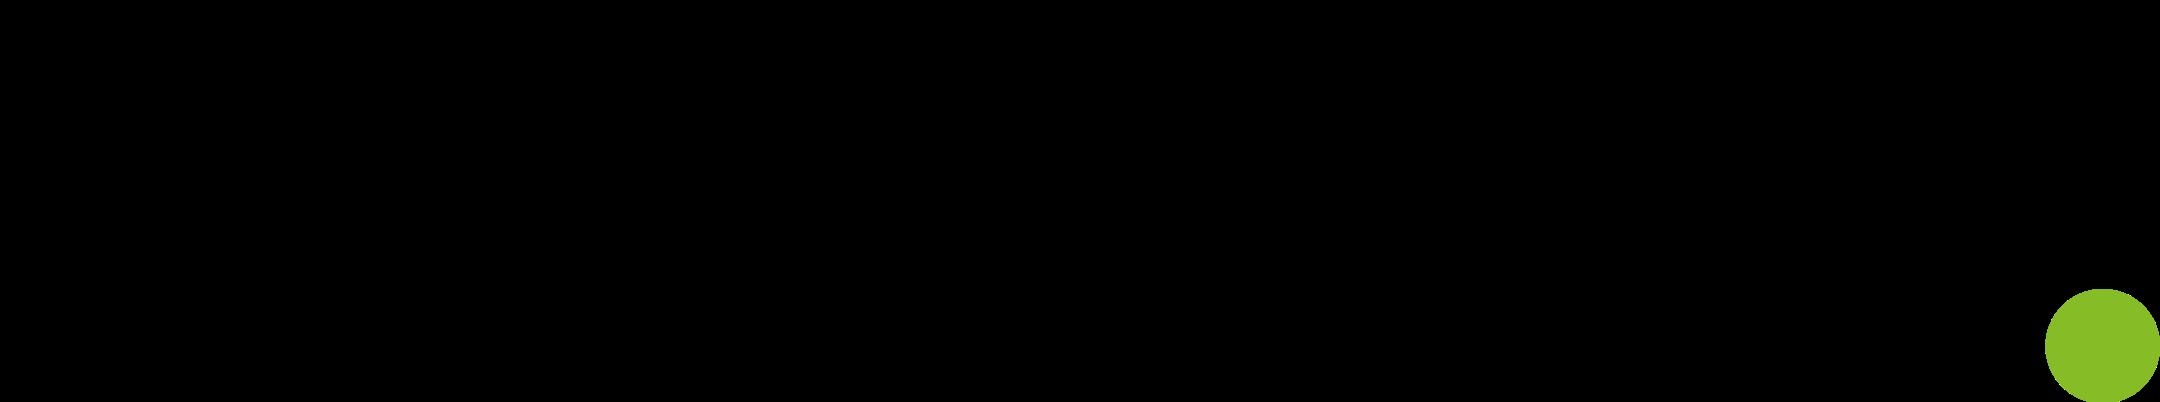 deloitte logo 1 - Deloitte Logo